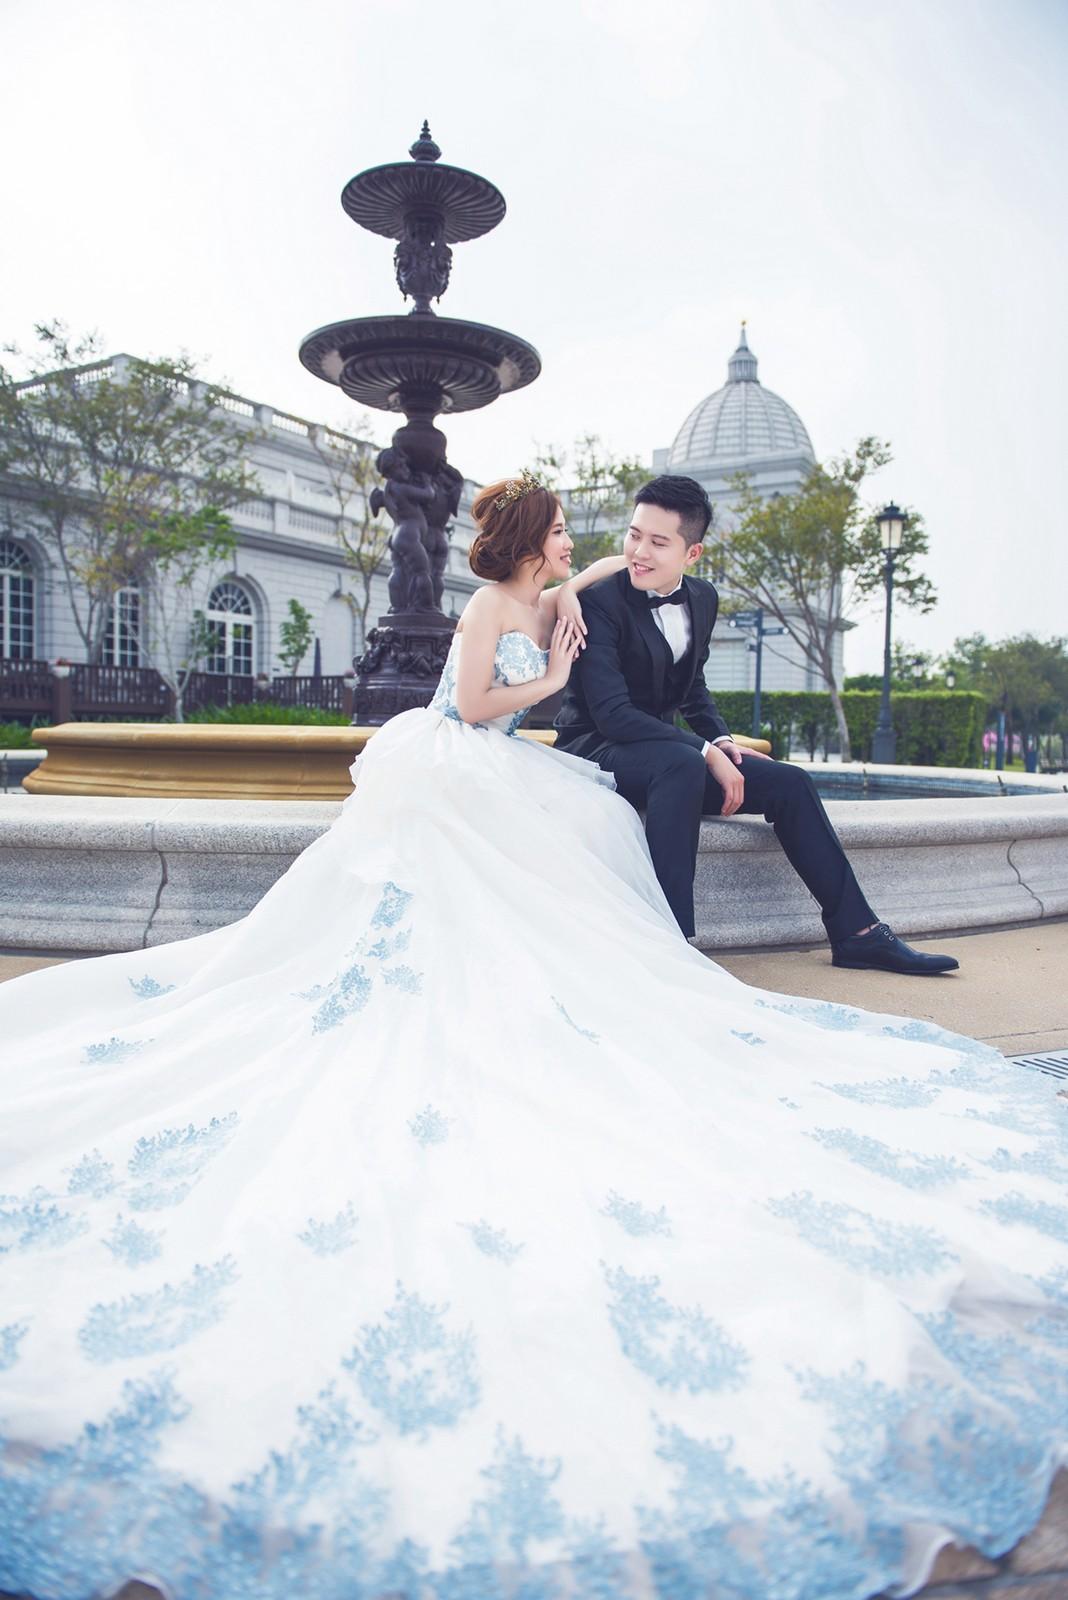 自助婚紗,自主婚紗推薦,台南 自助婚紗,tn03